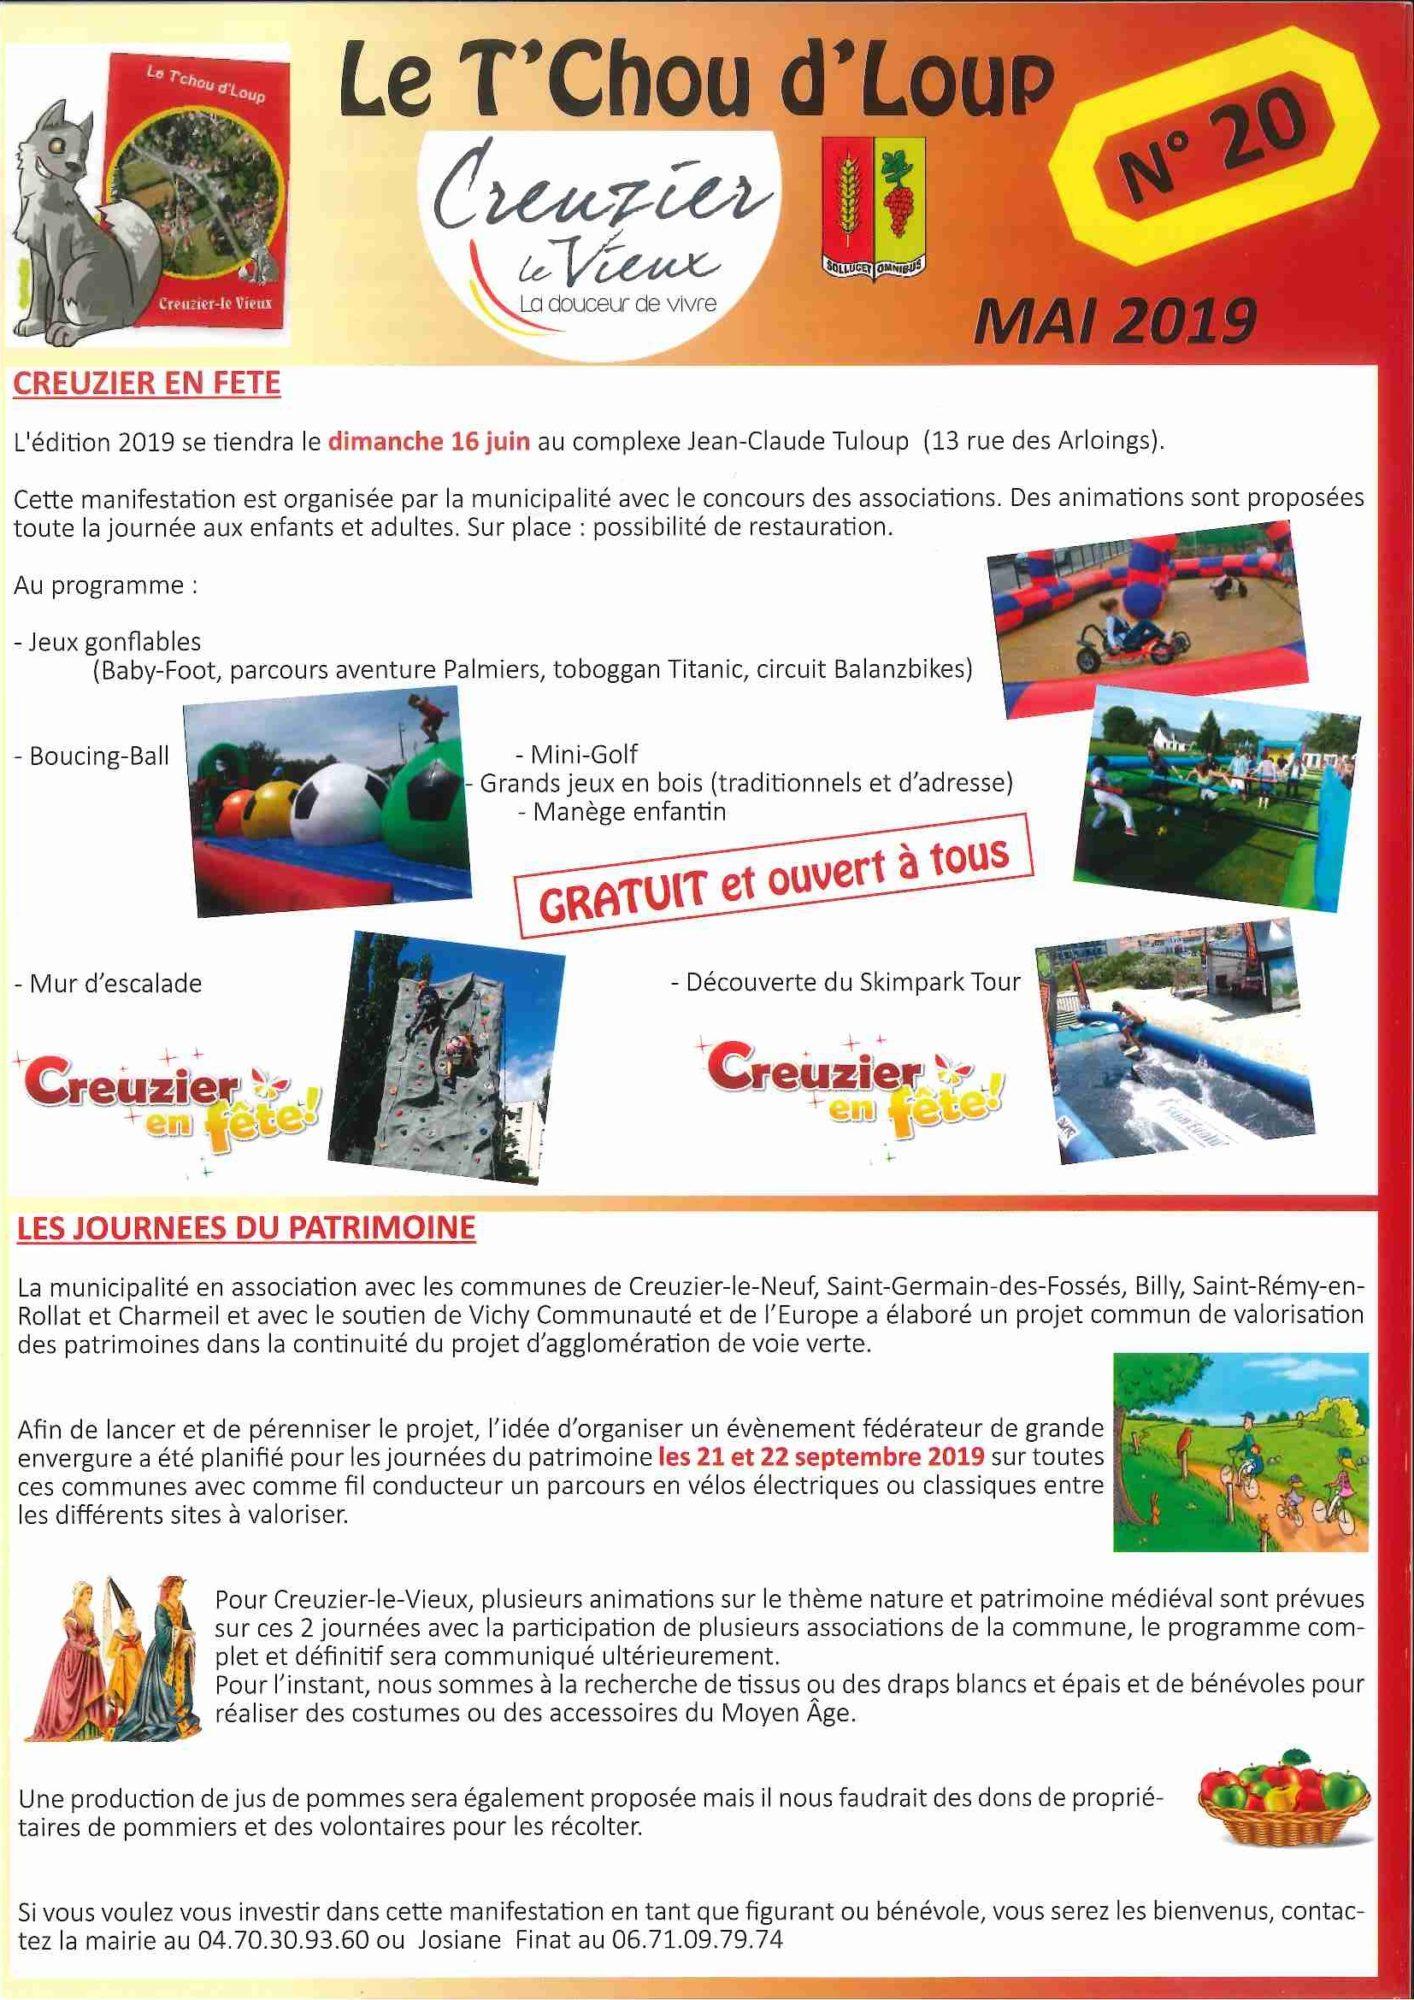 http://www.creuzier-le-vieux.com/wp-content/uplhttp://www.creuzier-le-vieux.com/wp-content/uploads/2019/04/Tchou-loup-n°20.pdfoads/2019/02/T-CHOU-D-LOUP-N°19.pdf